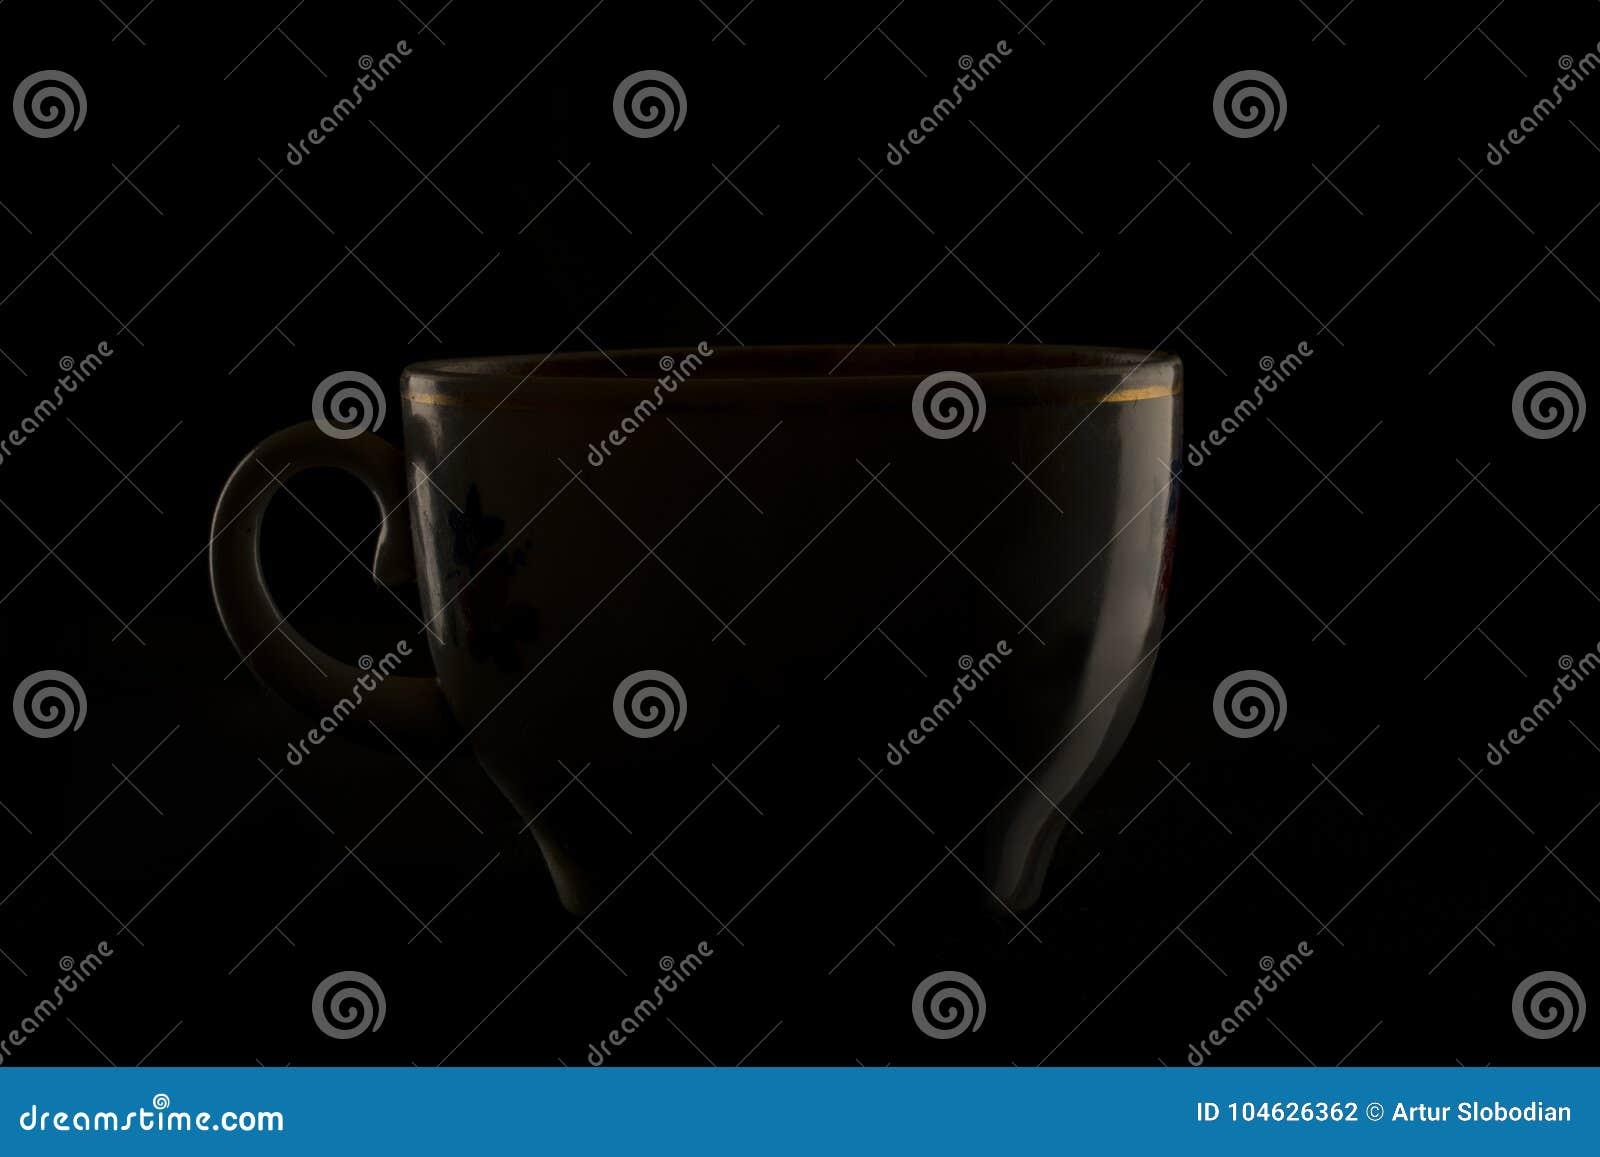 Download Contourbezinning Van Een Kop Op Een Zwarte Achtergrond Stock Foto - Afbeelding bestaande uit ceramisch, up: 104626362